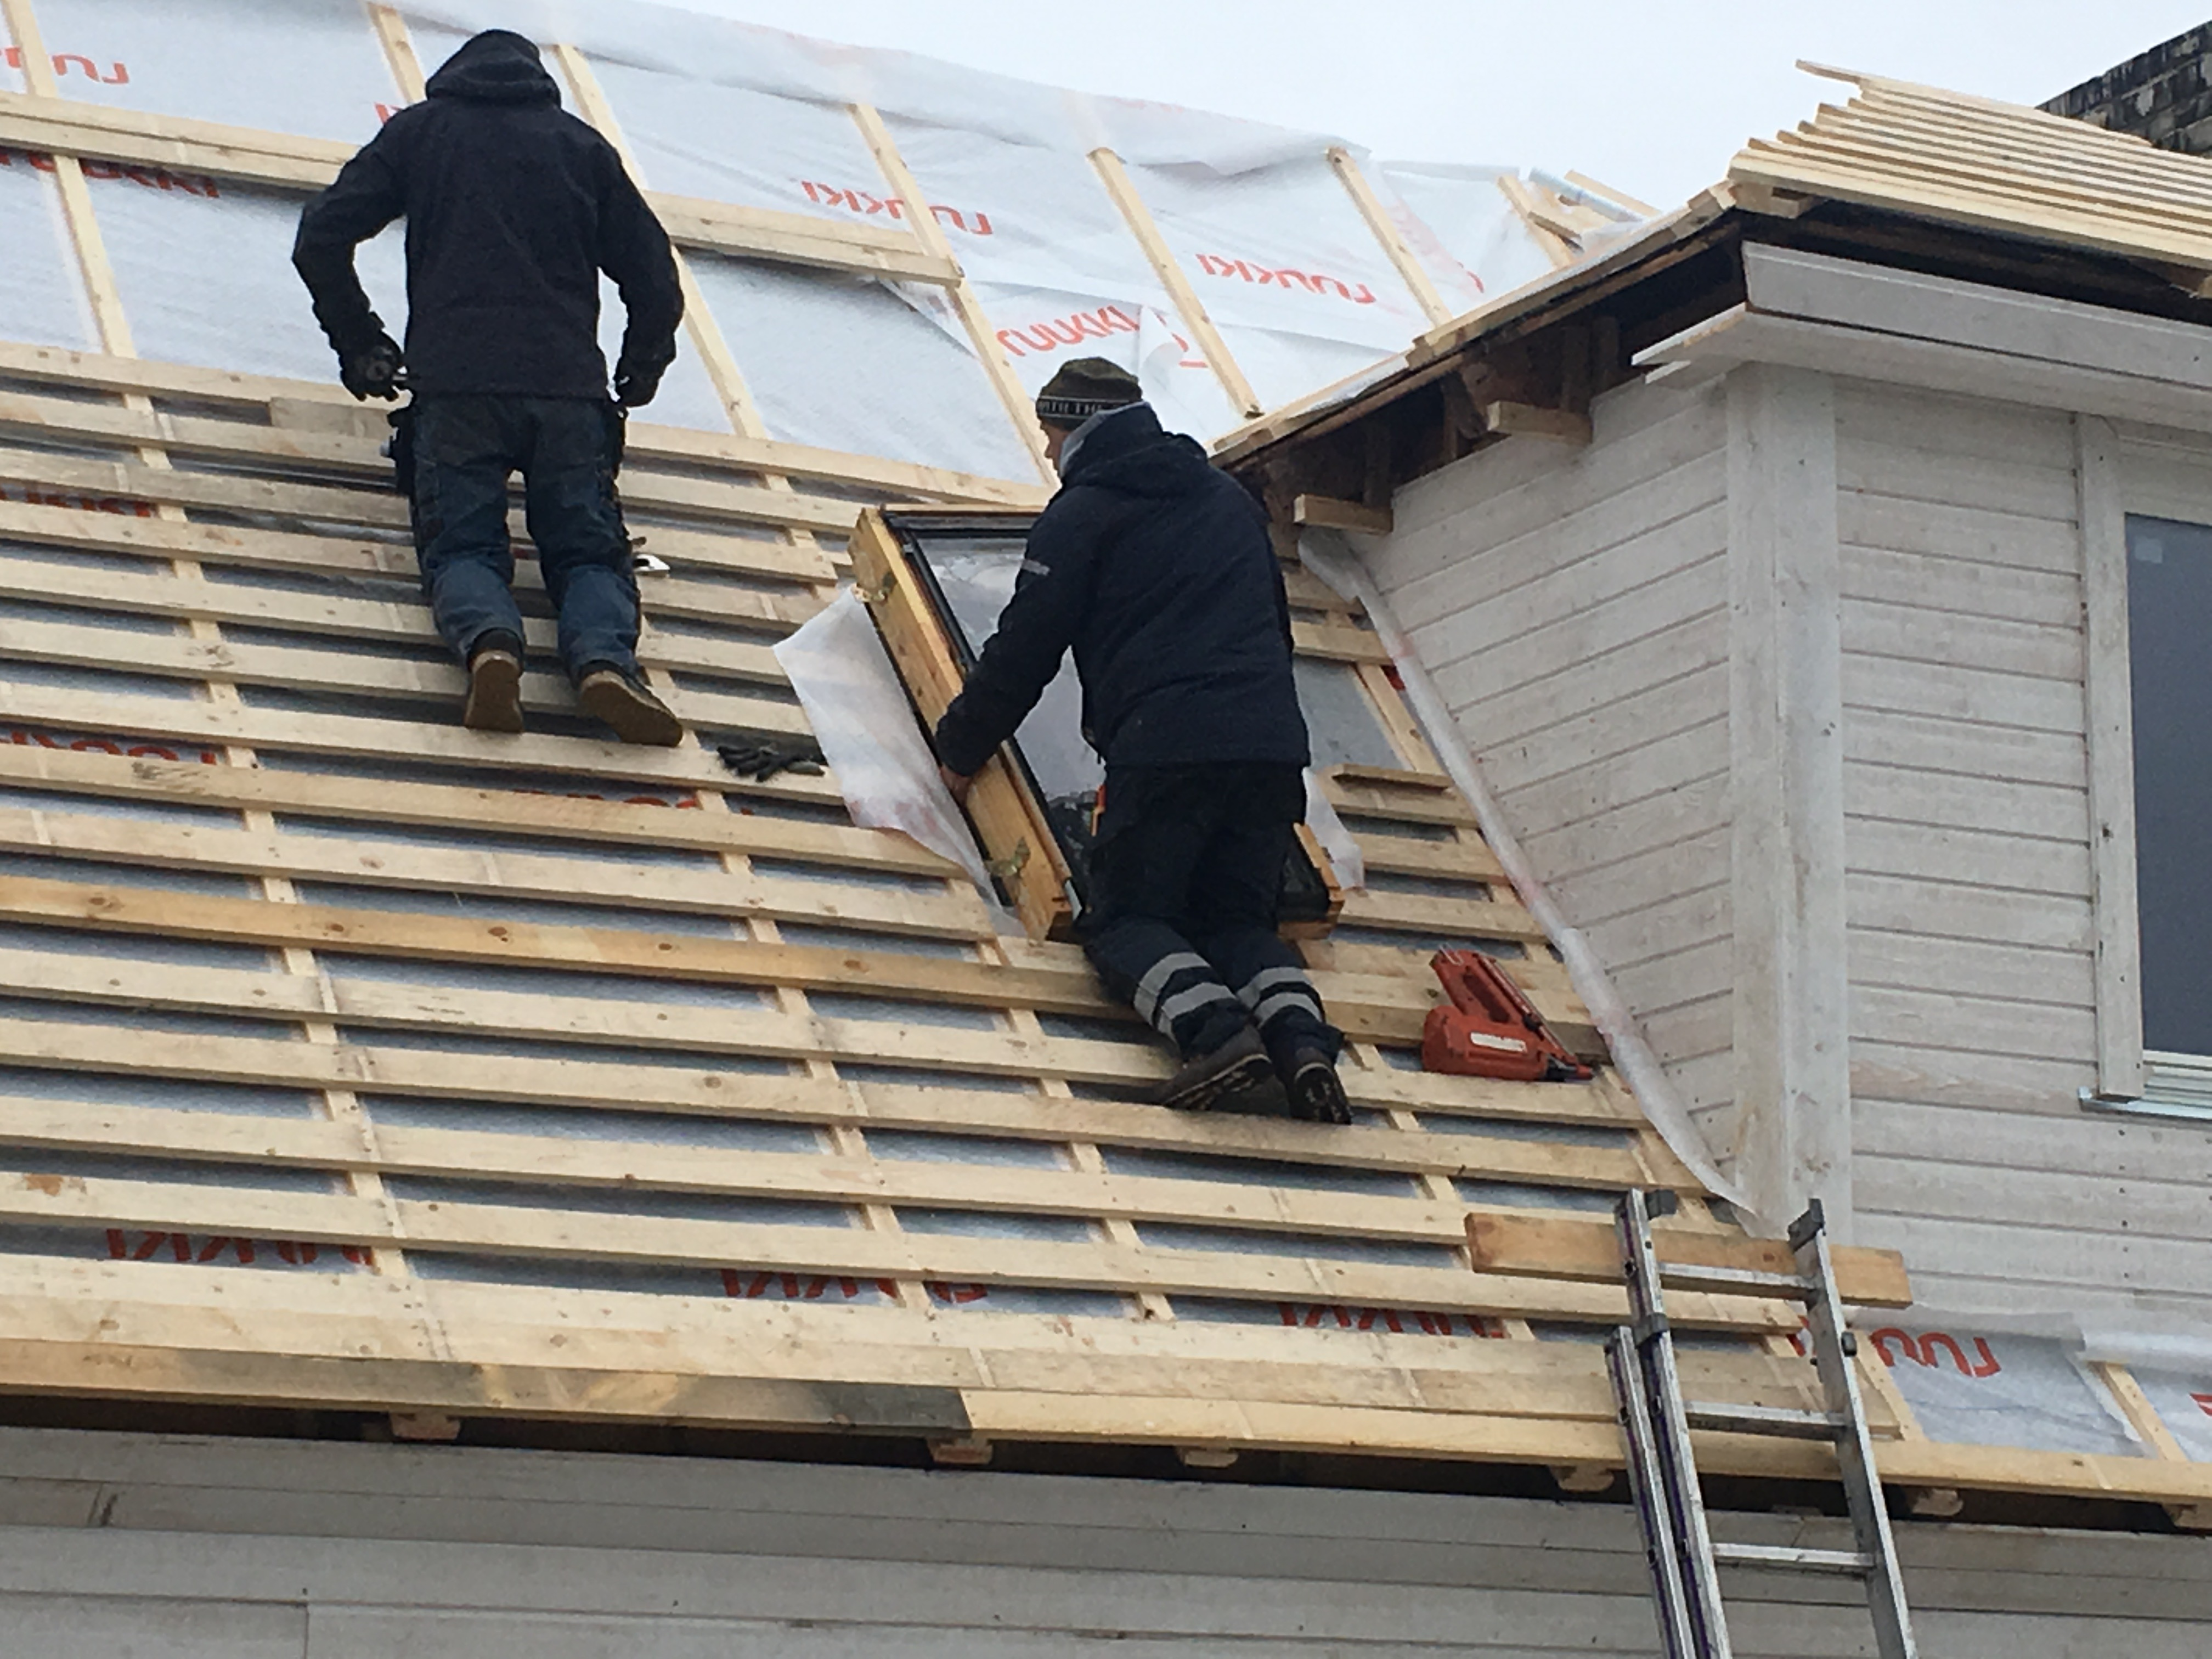 Plekk katuse paigaldamise eeltööd